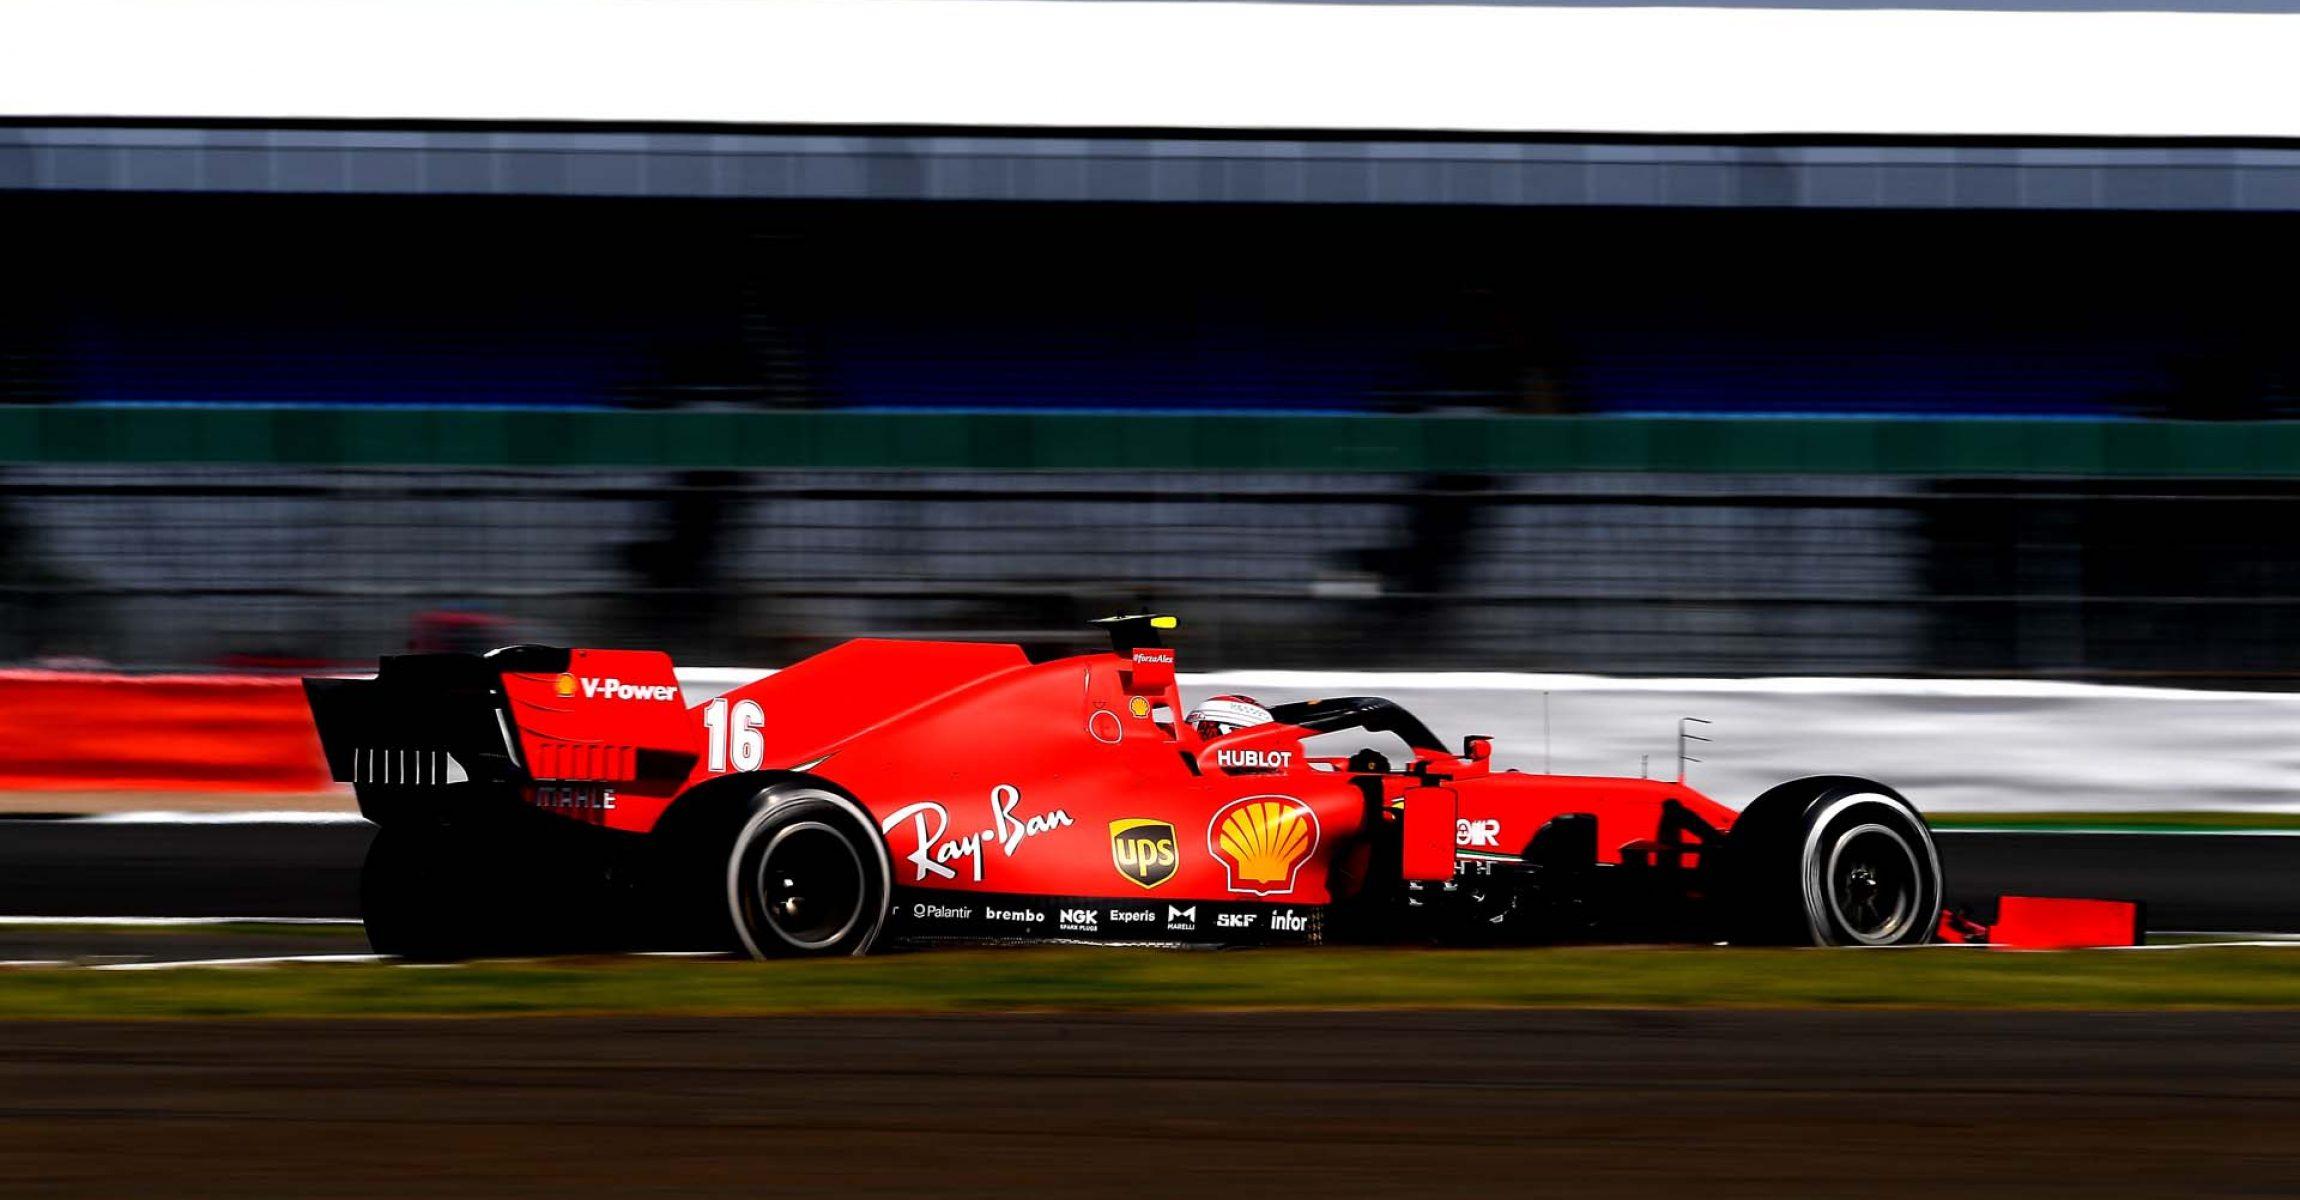 GP 70MO ANNIVERSARIO  F1/2020 -  DOMENICA 09/08/2020  credit: @Scuderia Ferrari Press Office Charles Leclerc